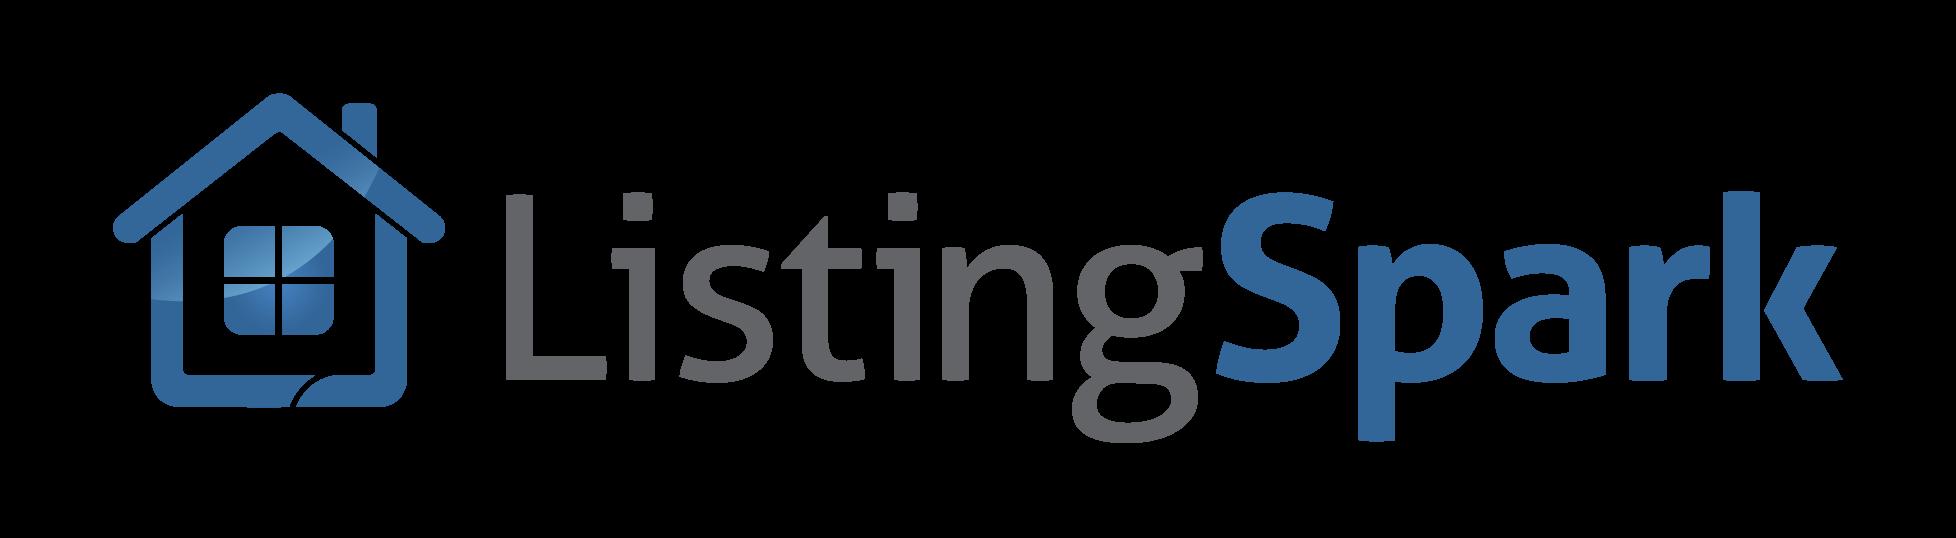 ListingSpark